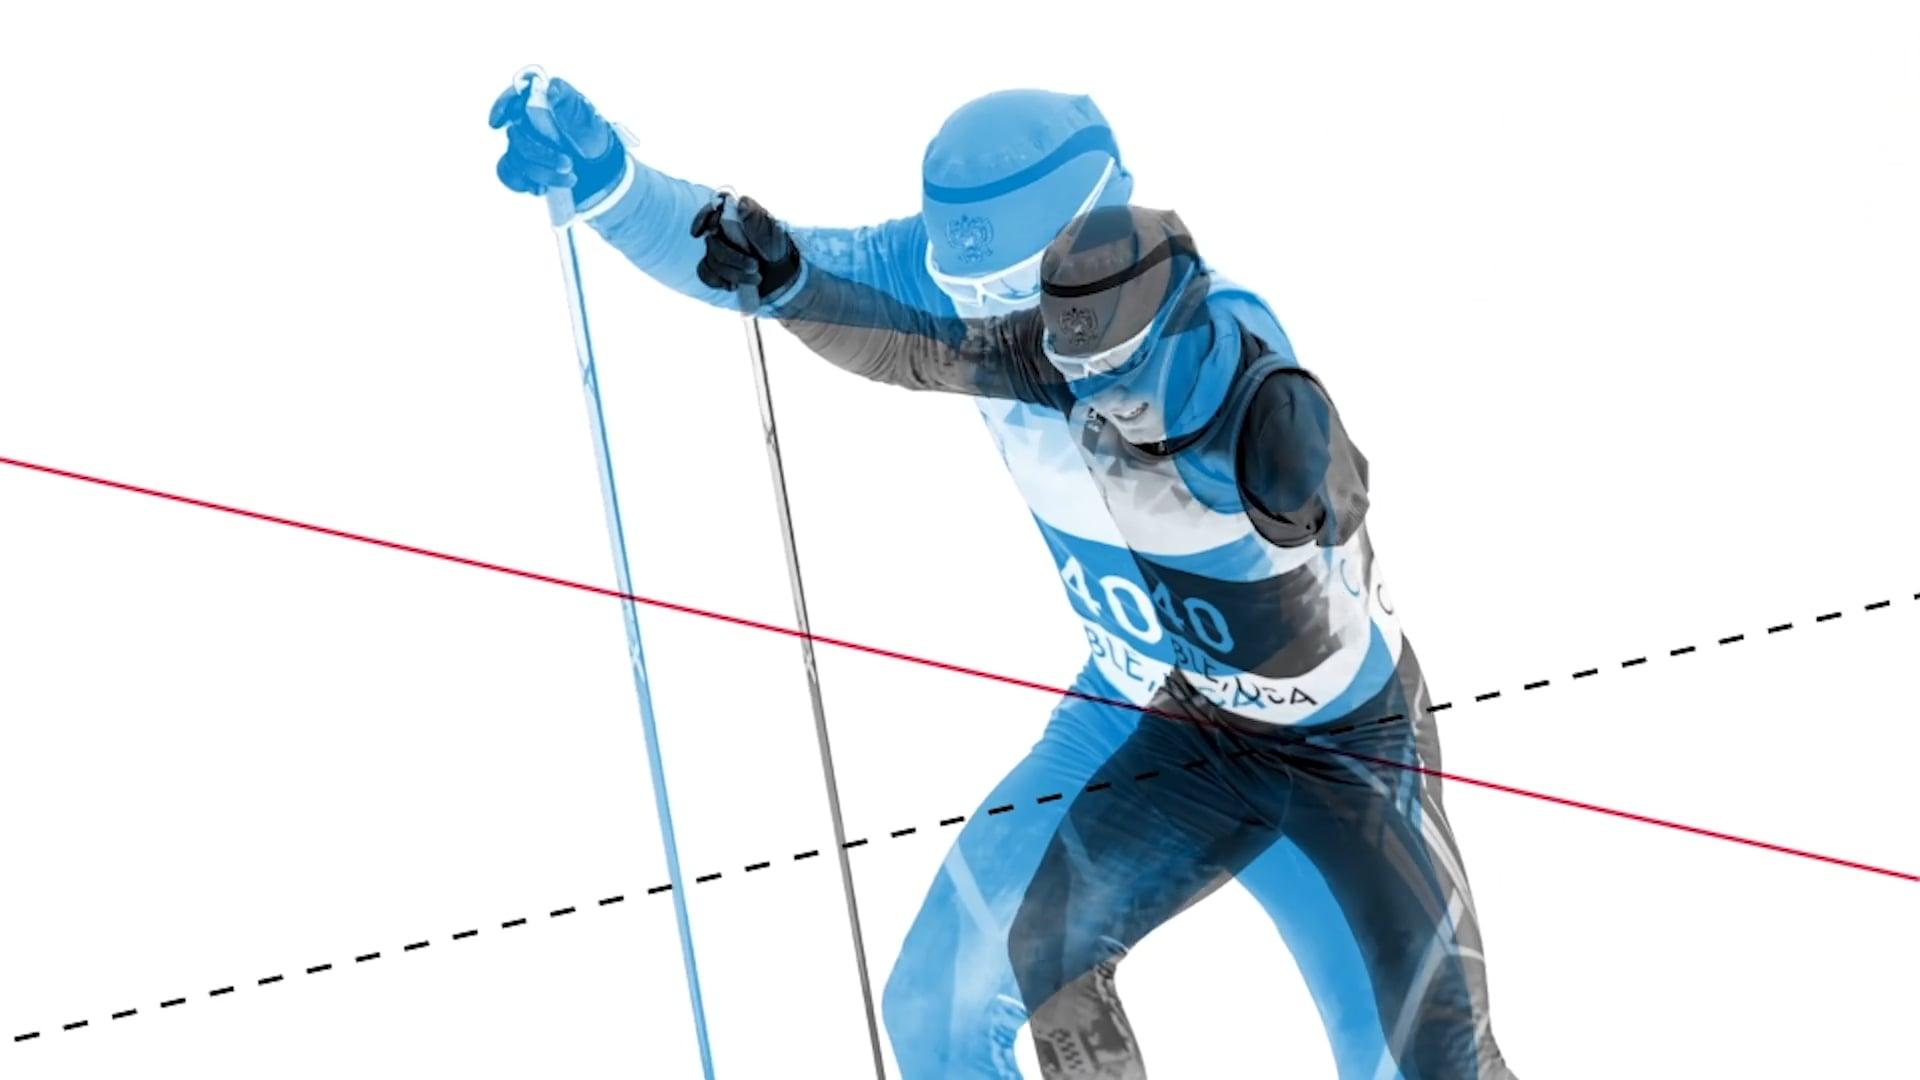 장애인 크로스컨트리 스키 (Para Cross-Country Skiing)